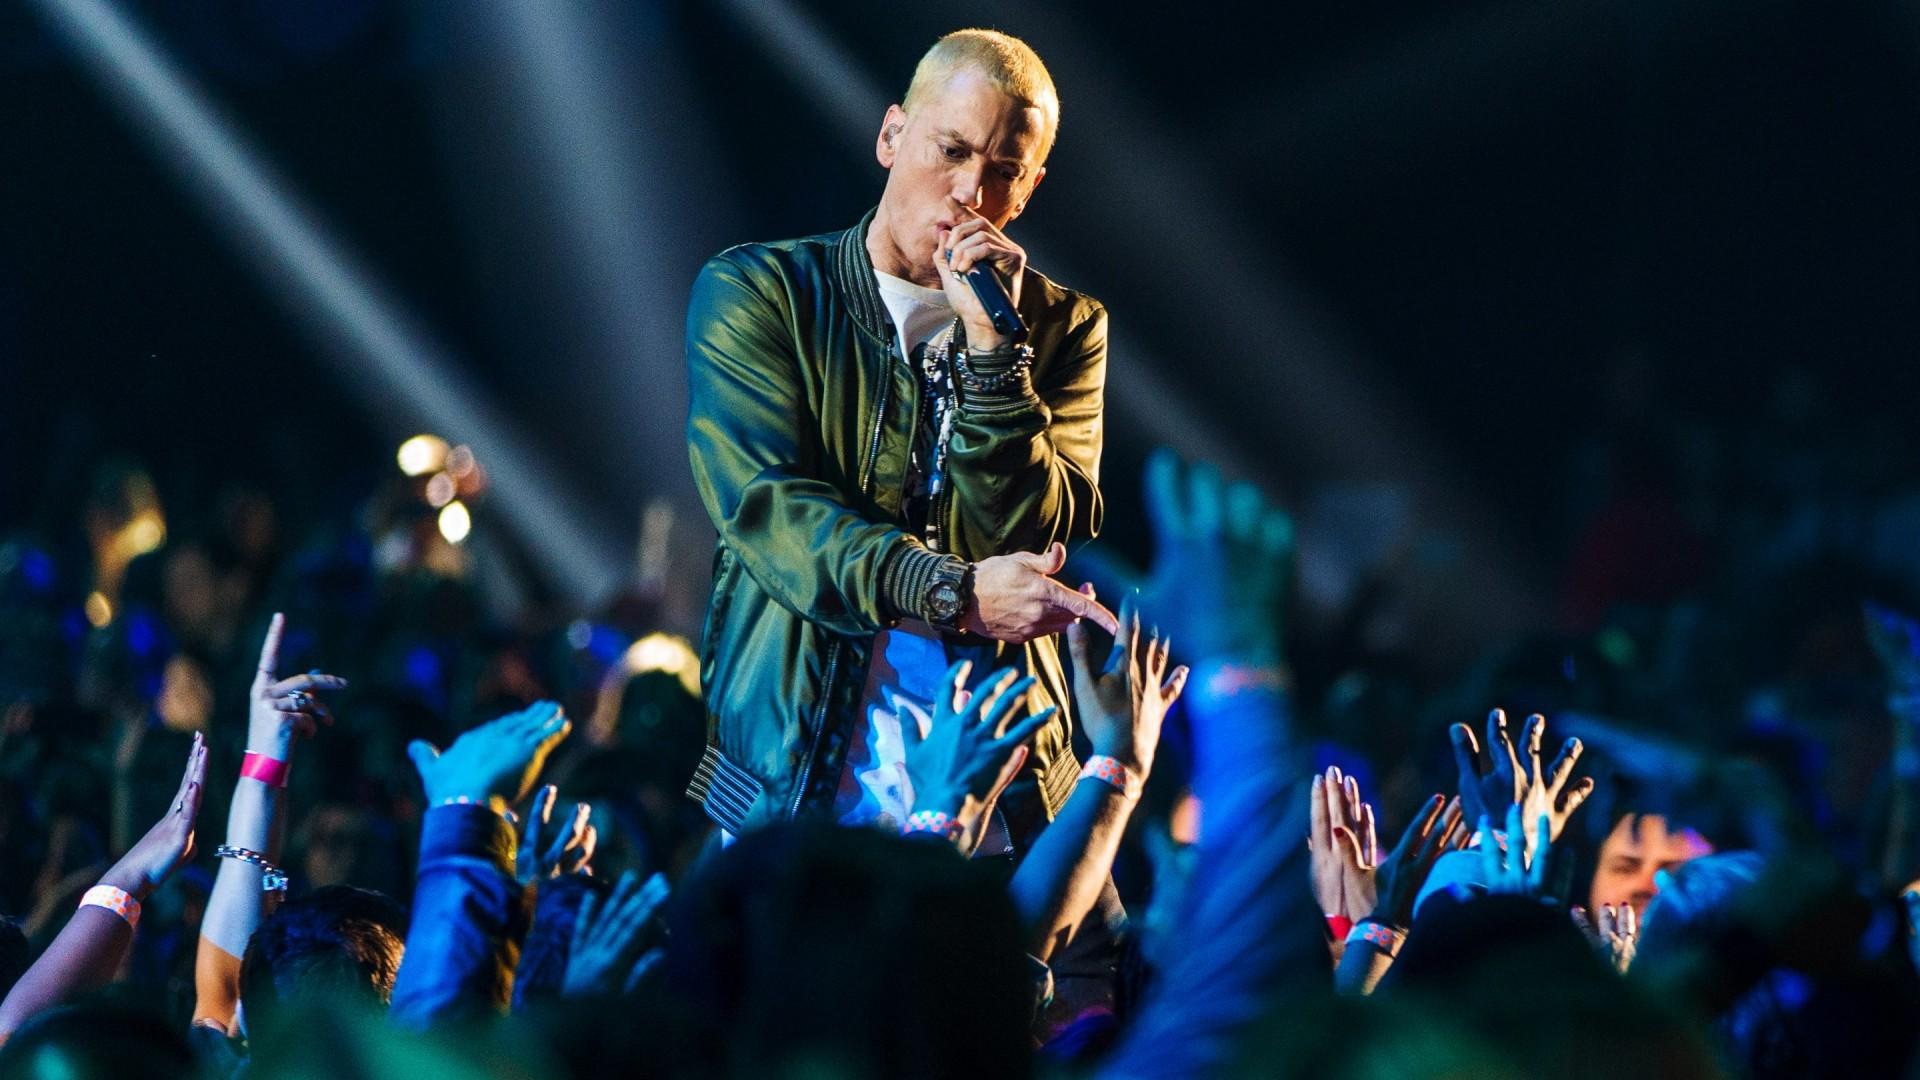 Full HD p Eminem Wallpapers HD Desktop Backgrounds x   HD Wallpapers    Pinterest   Eminem, Hd wallpaper and Wallpaper